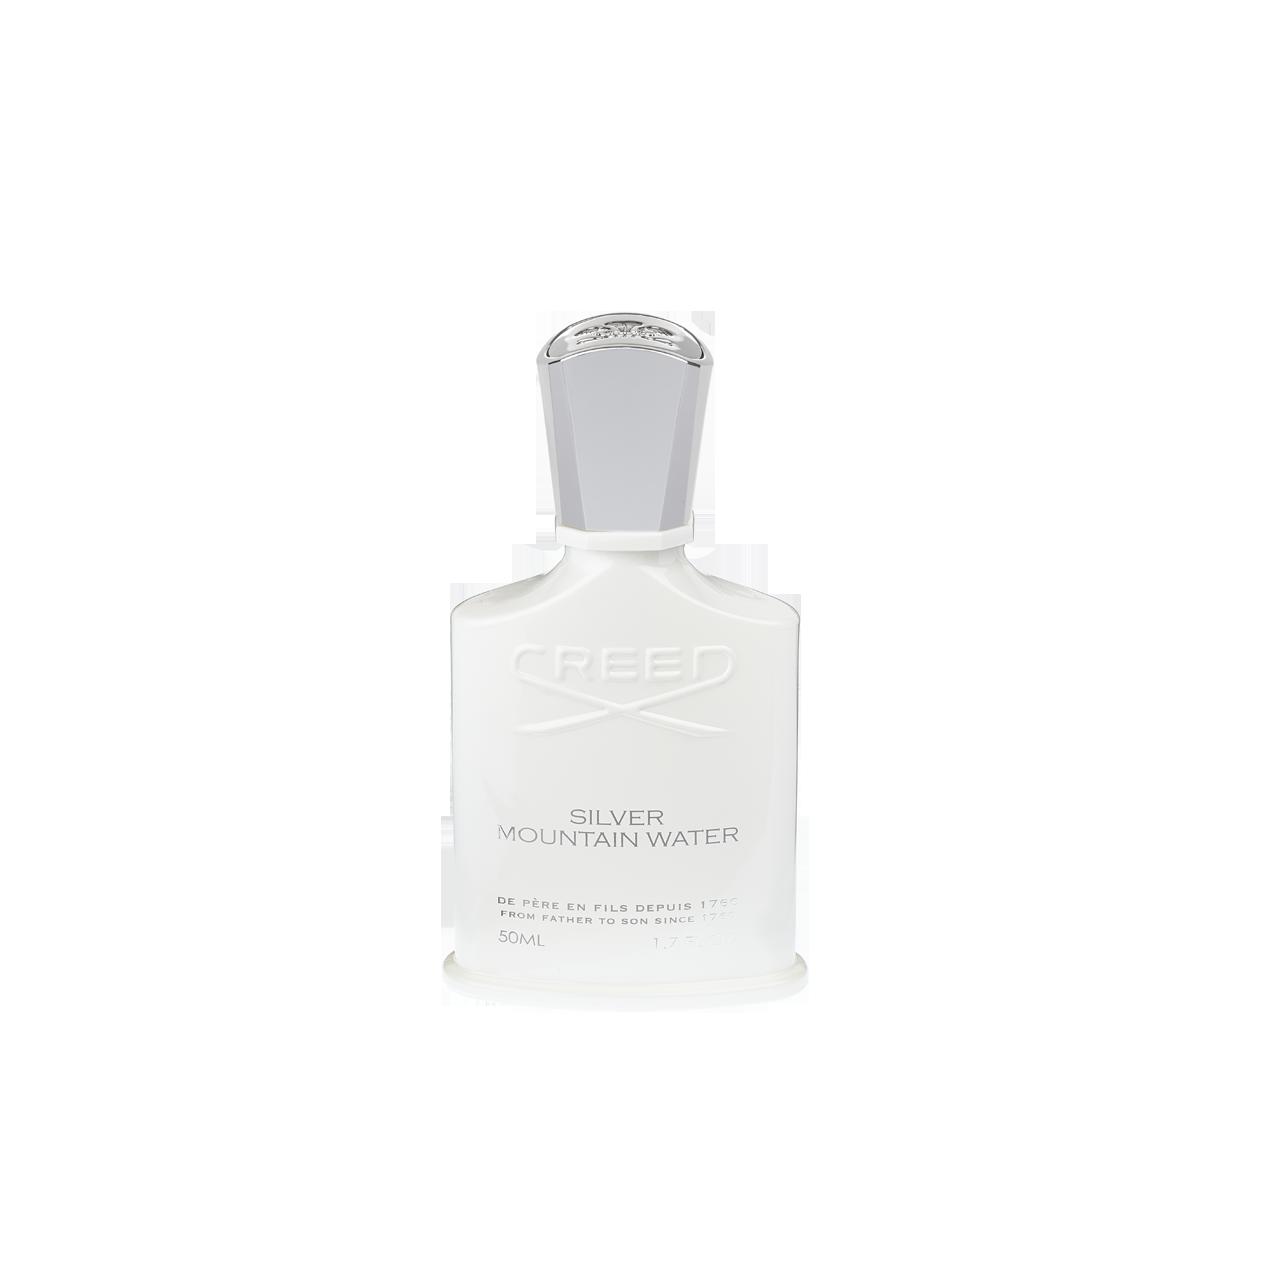 Silver Mountain Water - Millesime